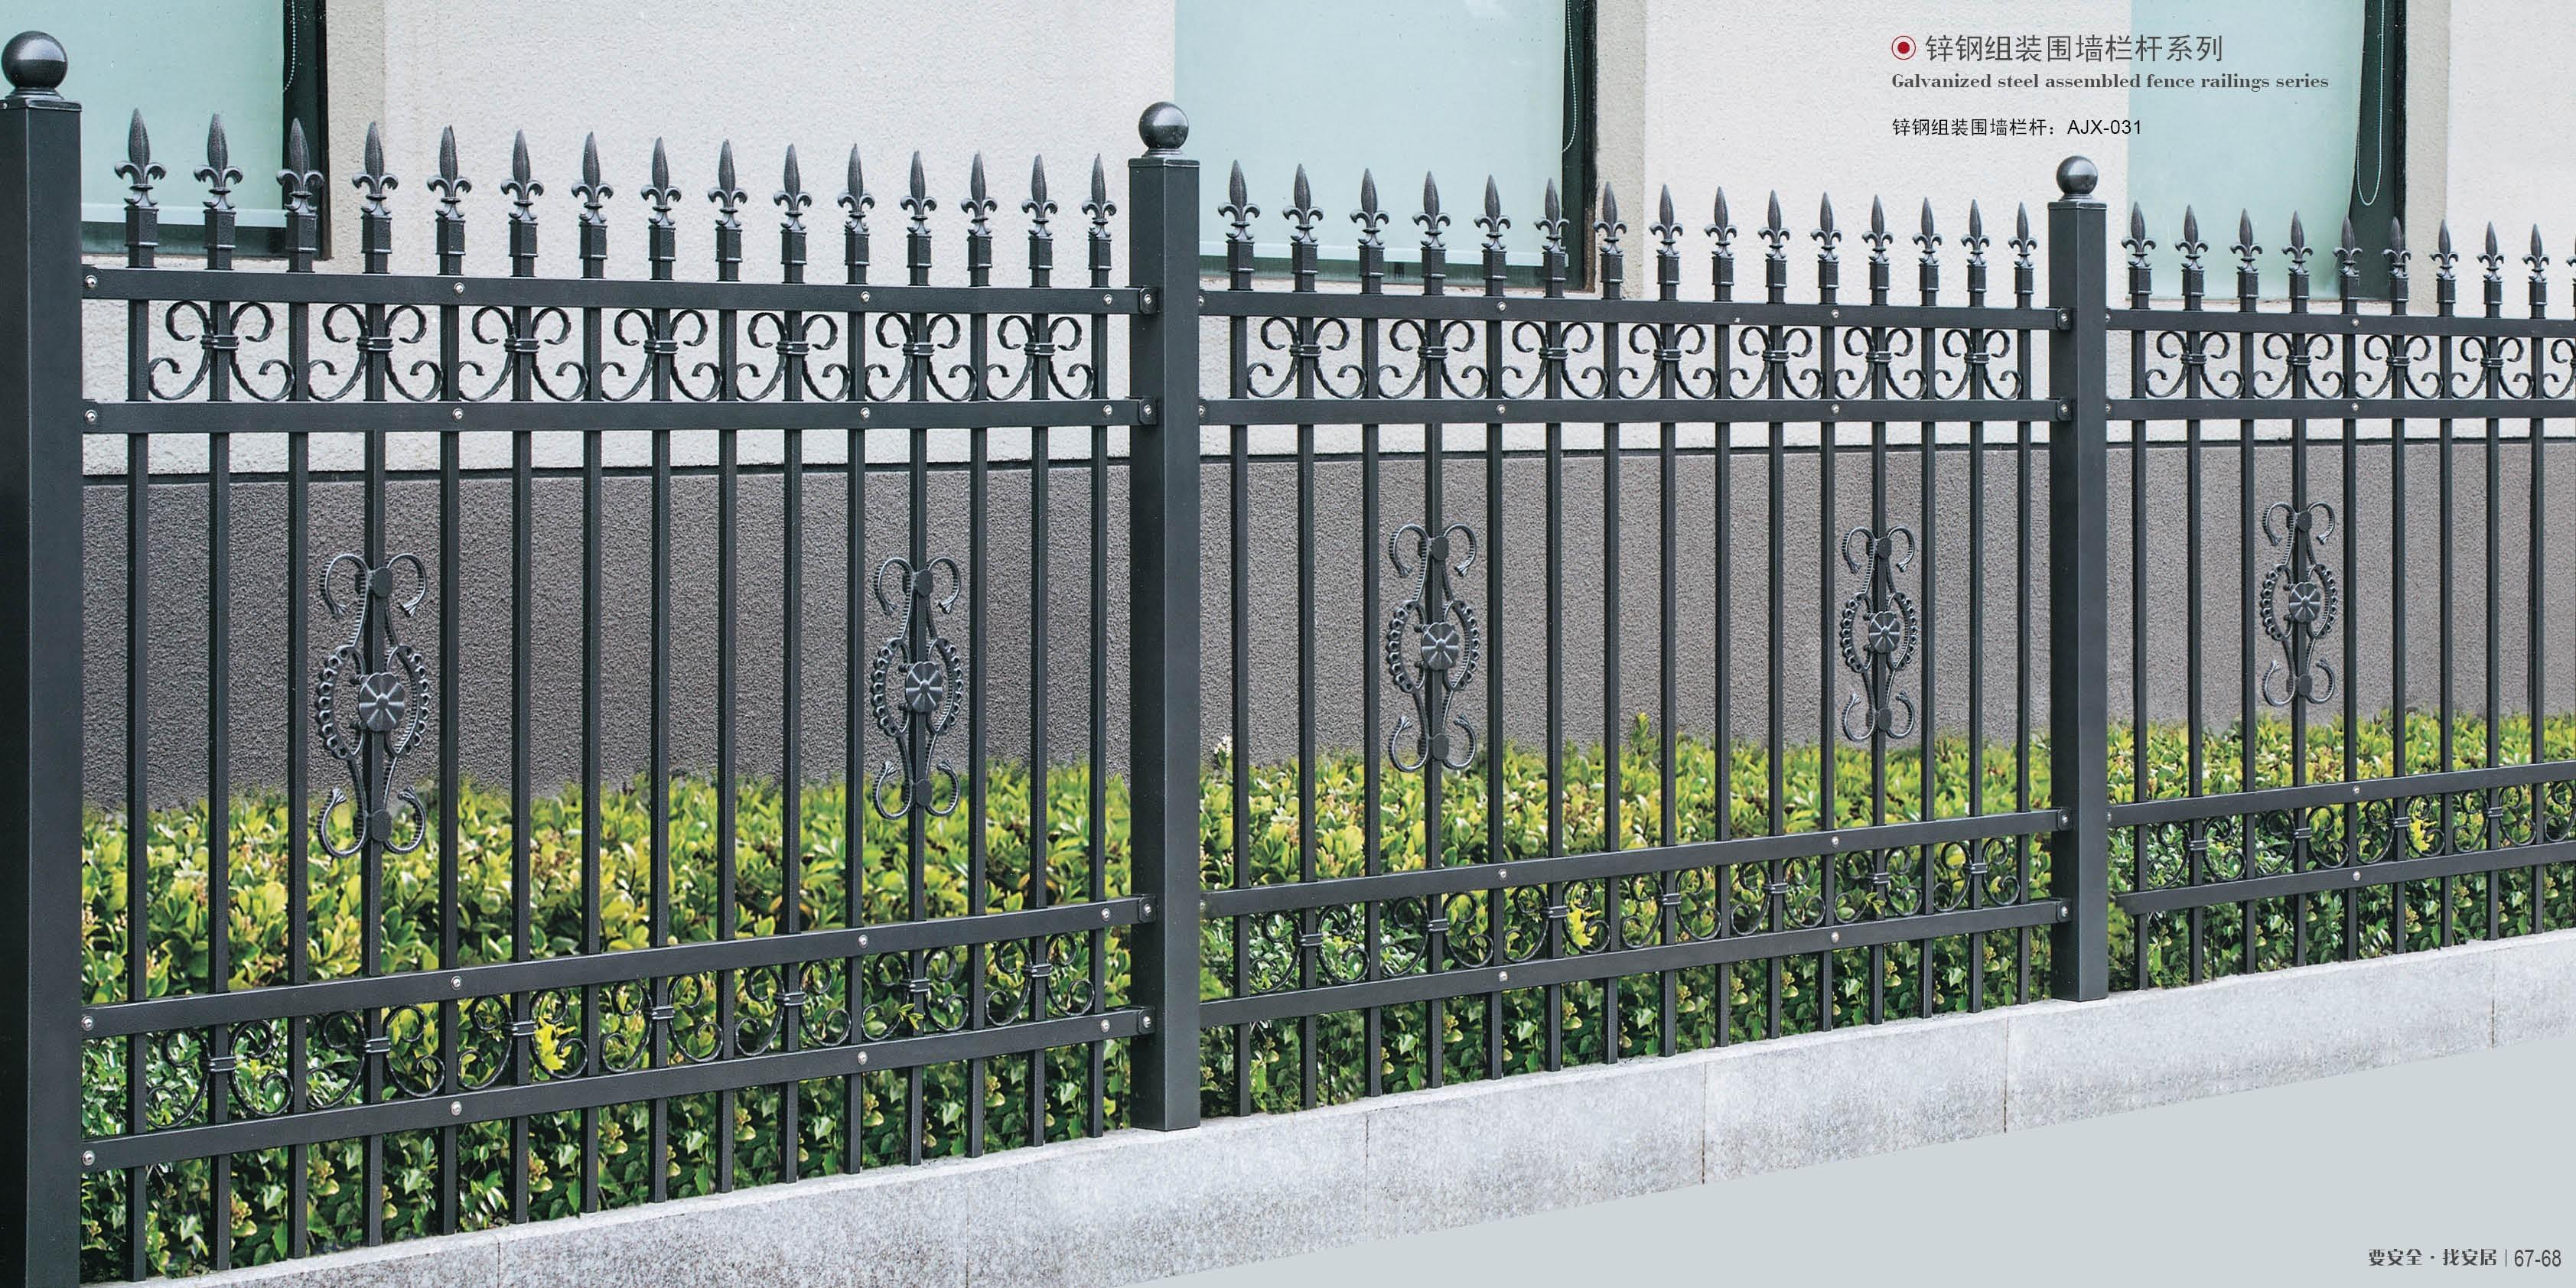 锌钢组装楼梯栏杆:AJX-031